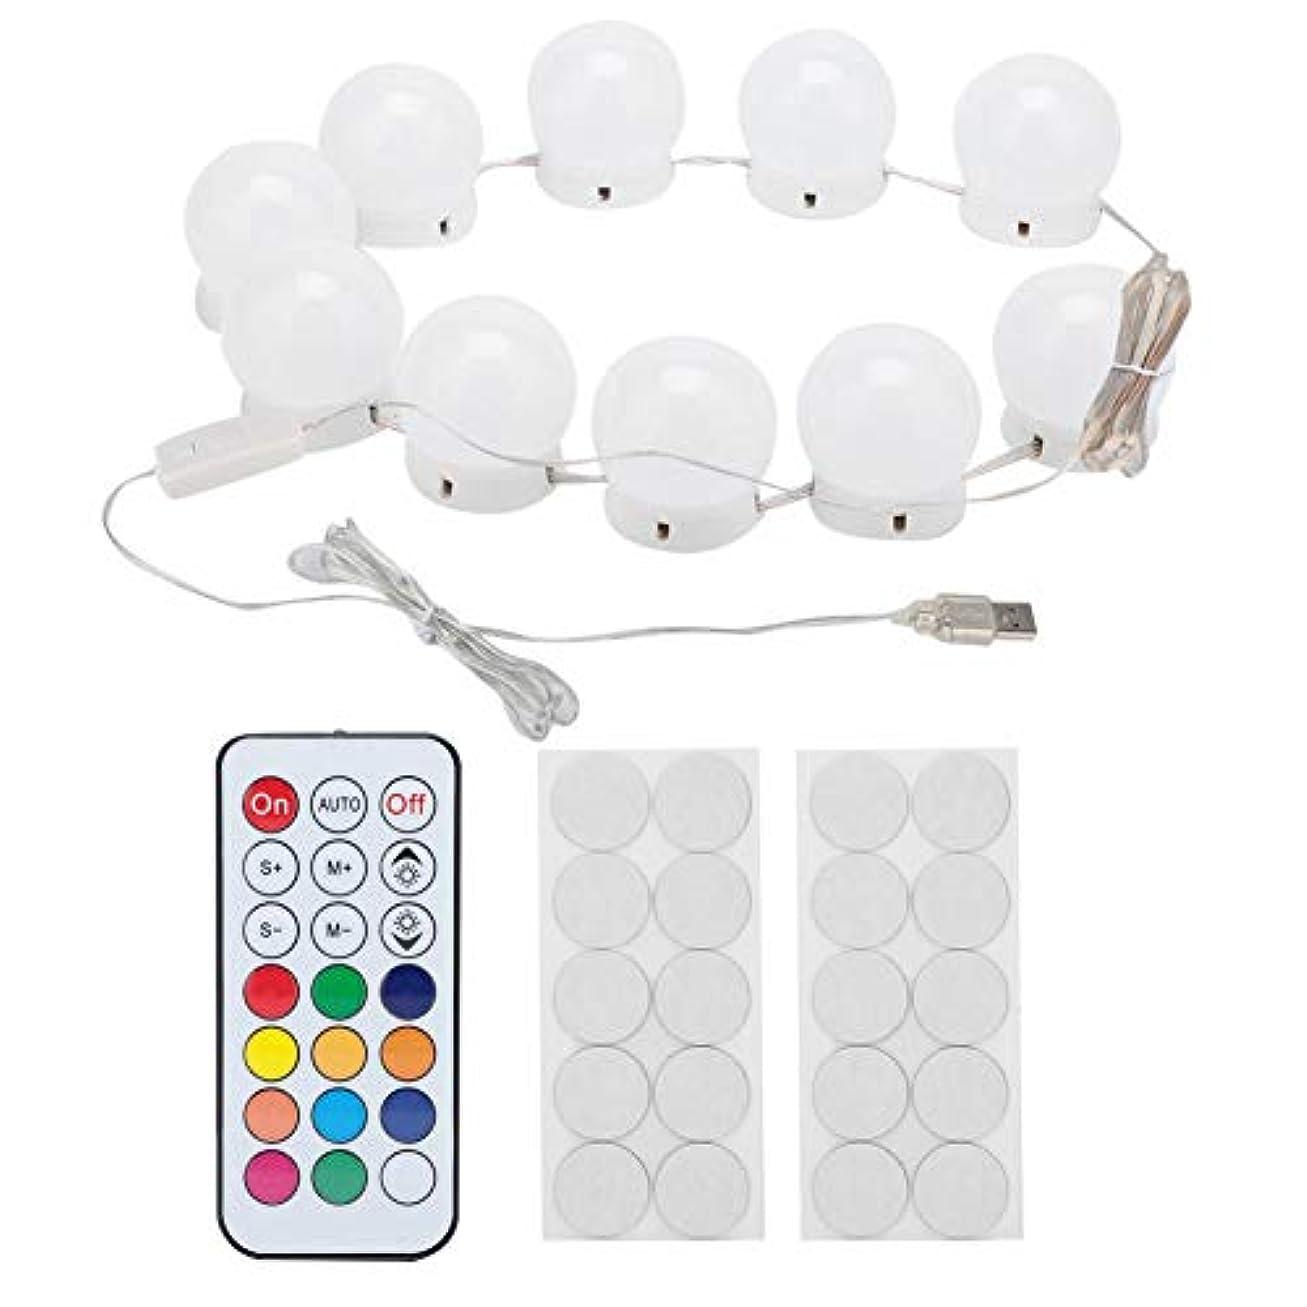 発行するギネスパーセント化粧鏡ラ??イトキット 10 LED付き調 光ライトストリング電球バニティライト バスルーム 化粧鏡に最適